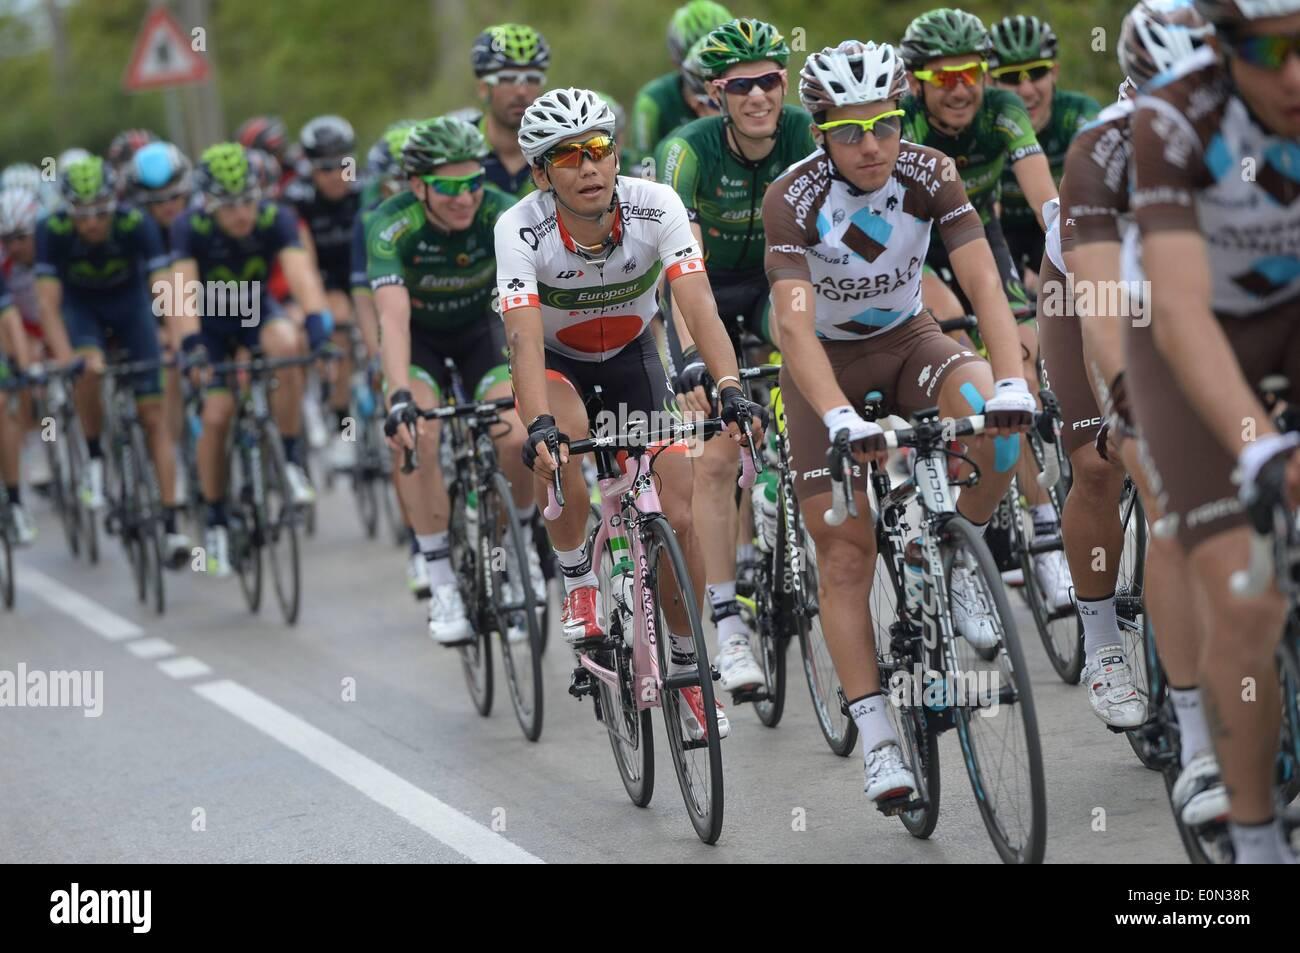 15 05 2014 Giro D Italia Stage 6 2014 Taranto To Viggiano Italy